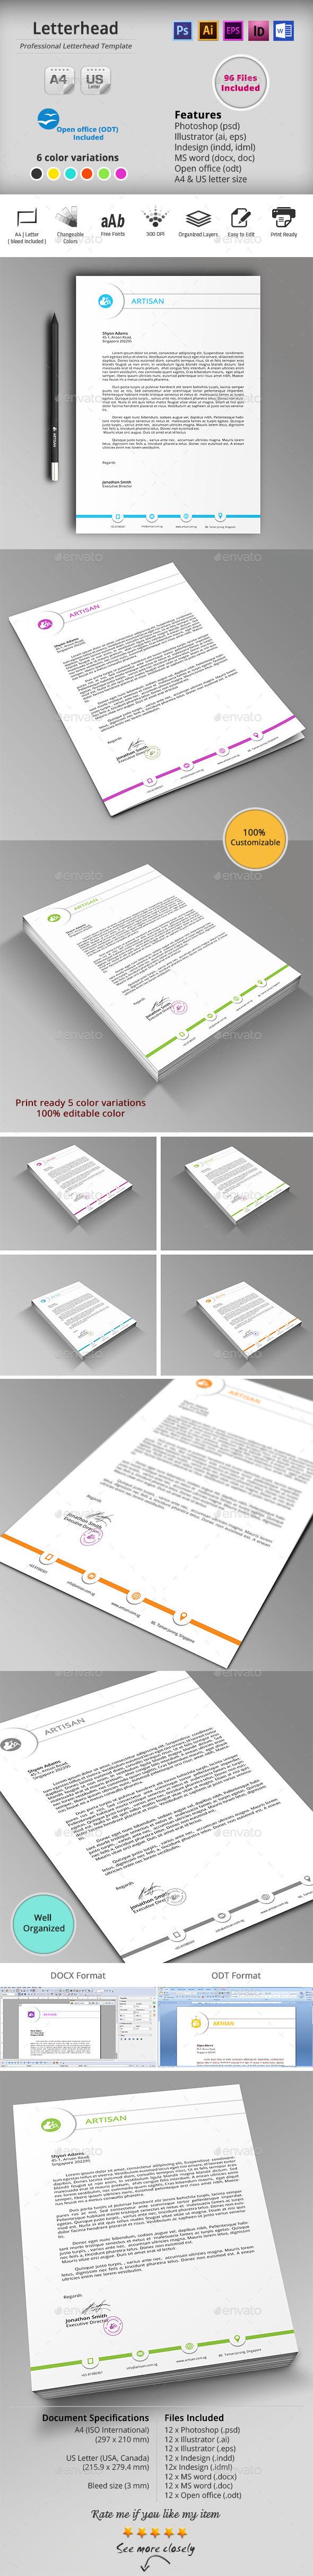 GraphicRiver Letterhead 10187537